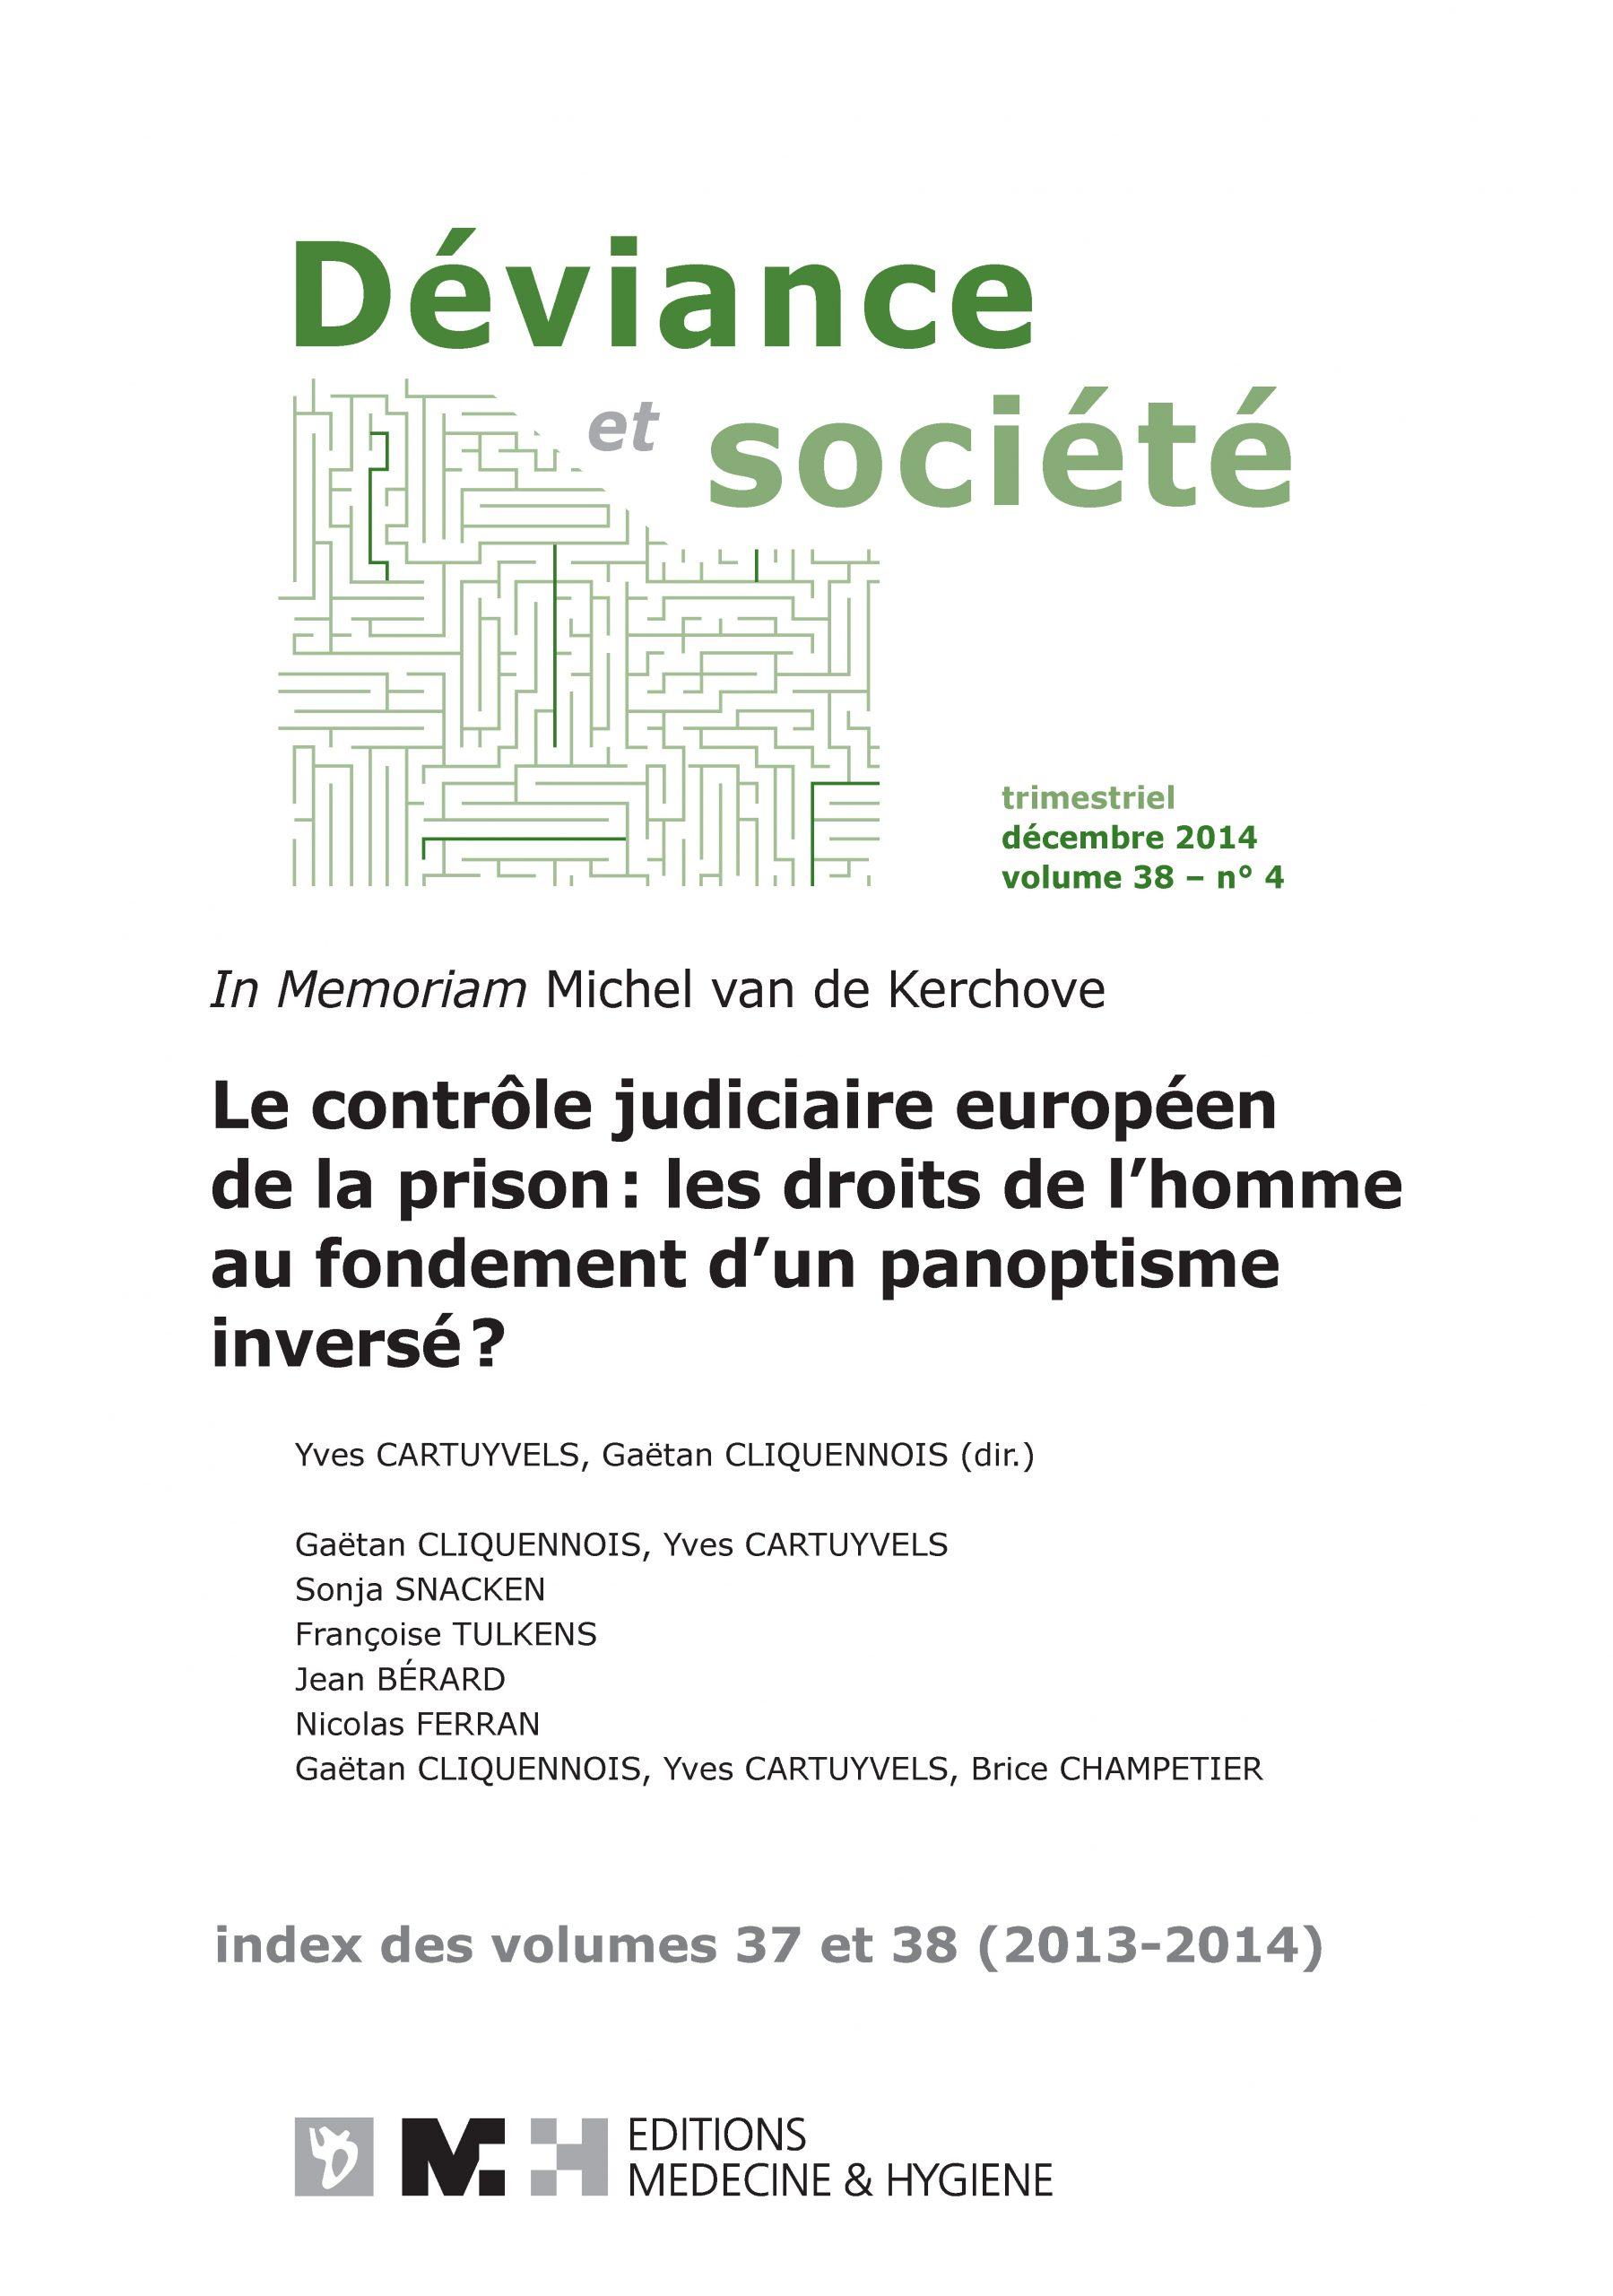 Le Contrôle Judiciaire Européen De La Prison : Les Droits De pour Exercice Gs En Ligne